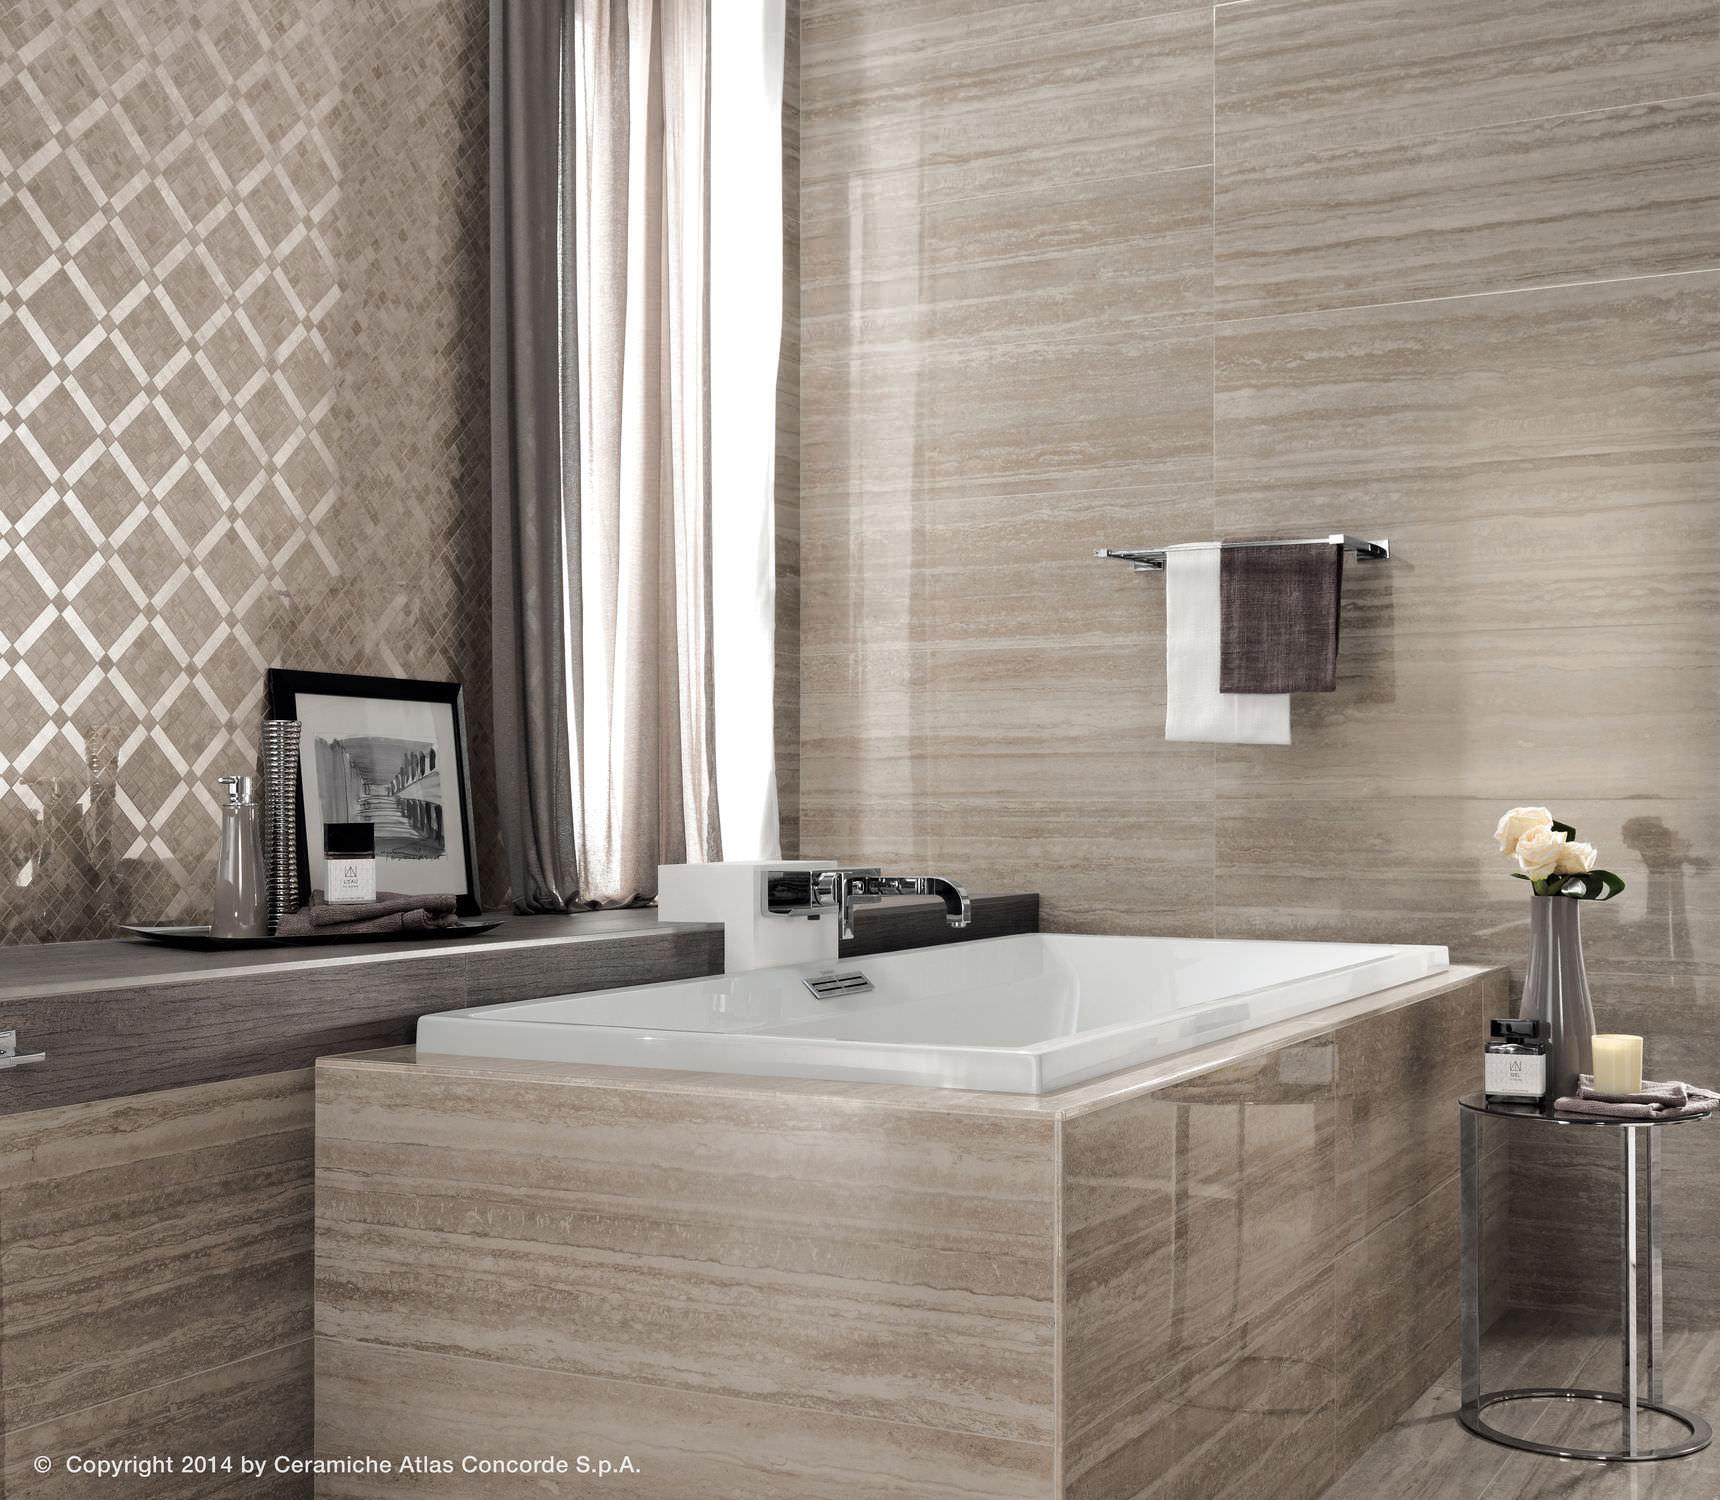 piastrella da bagno da pavimento in ceramica lucida marvel pro wall atlas concorde